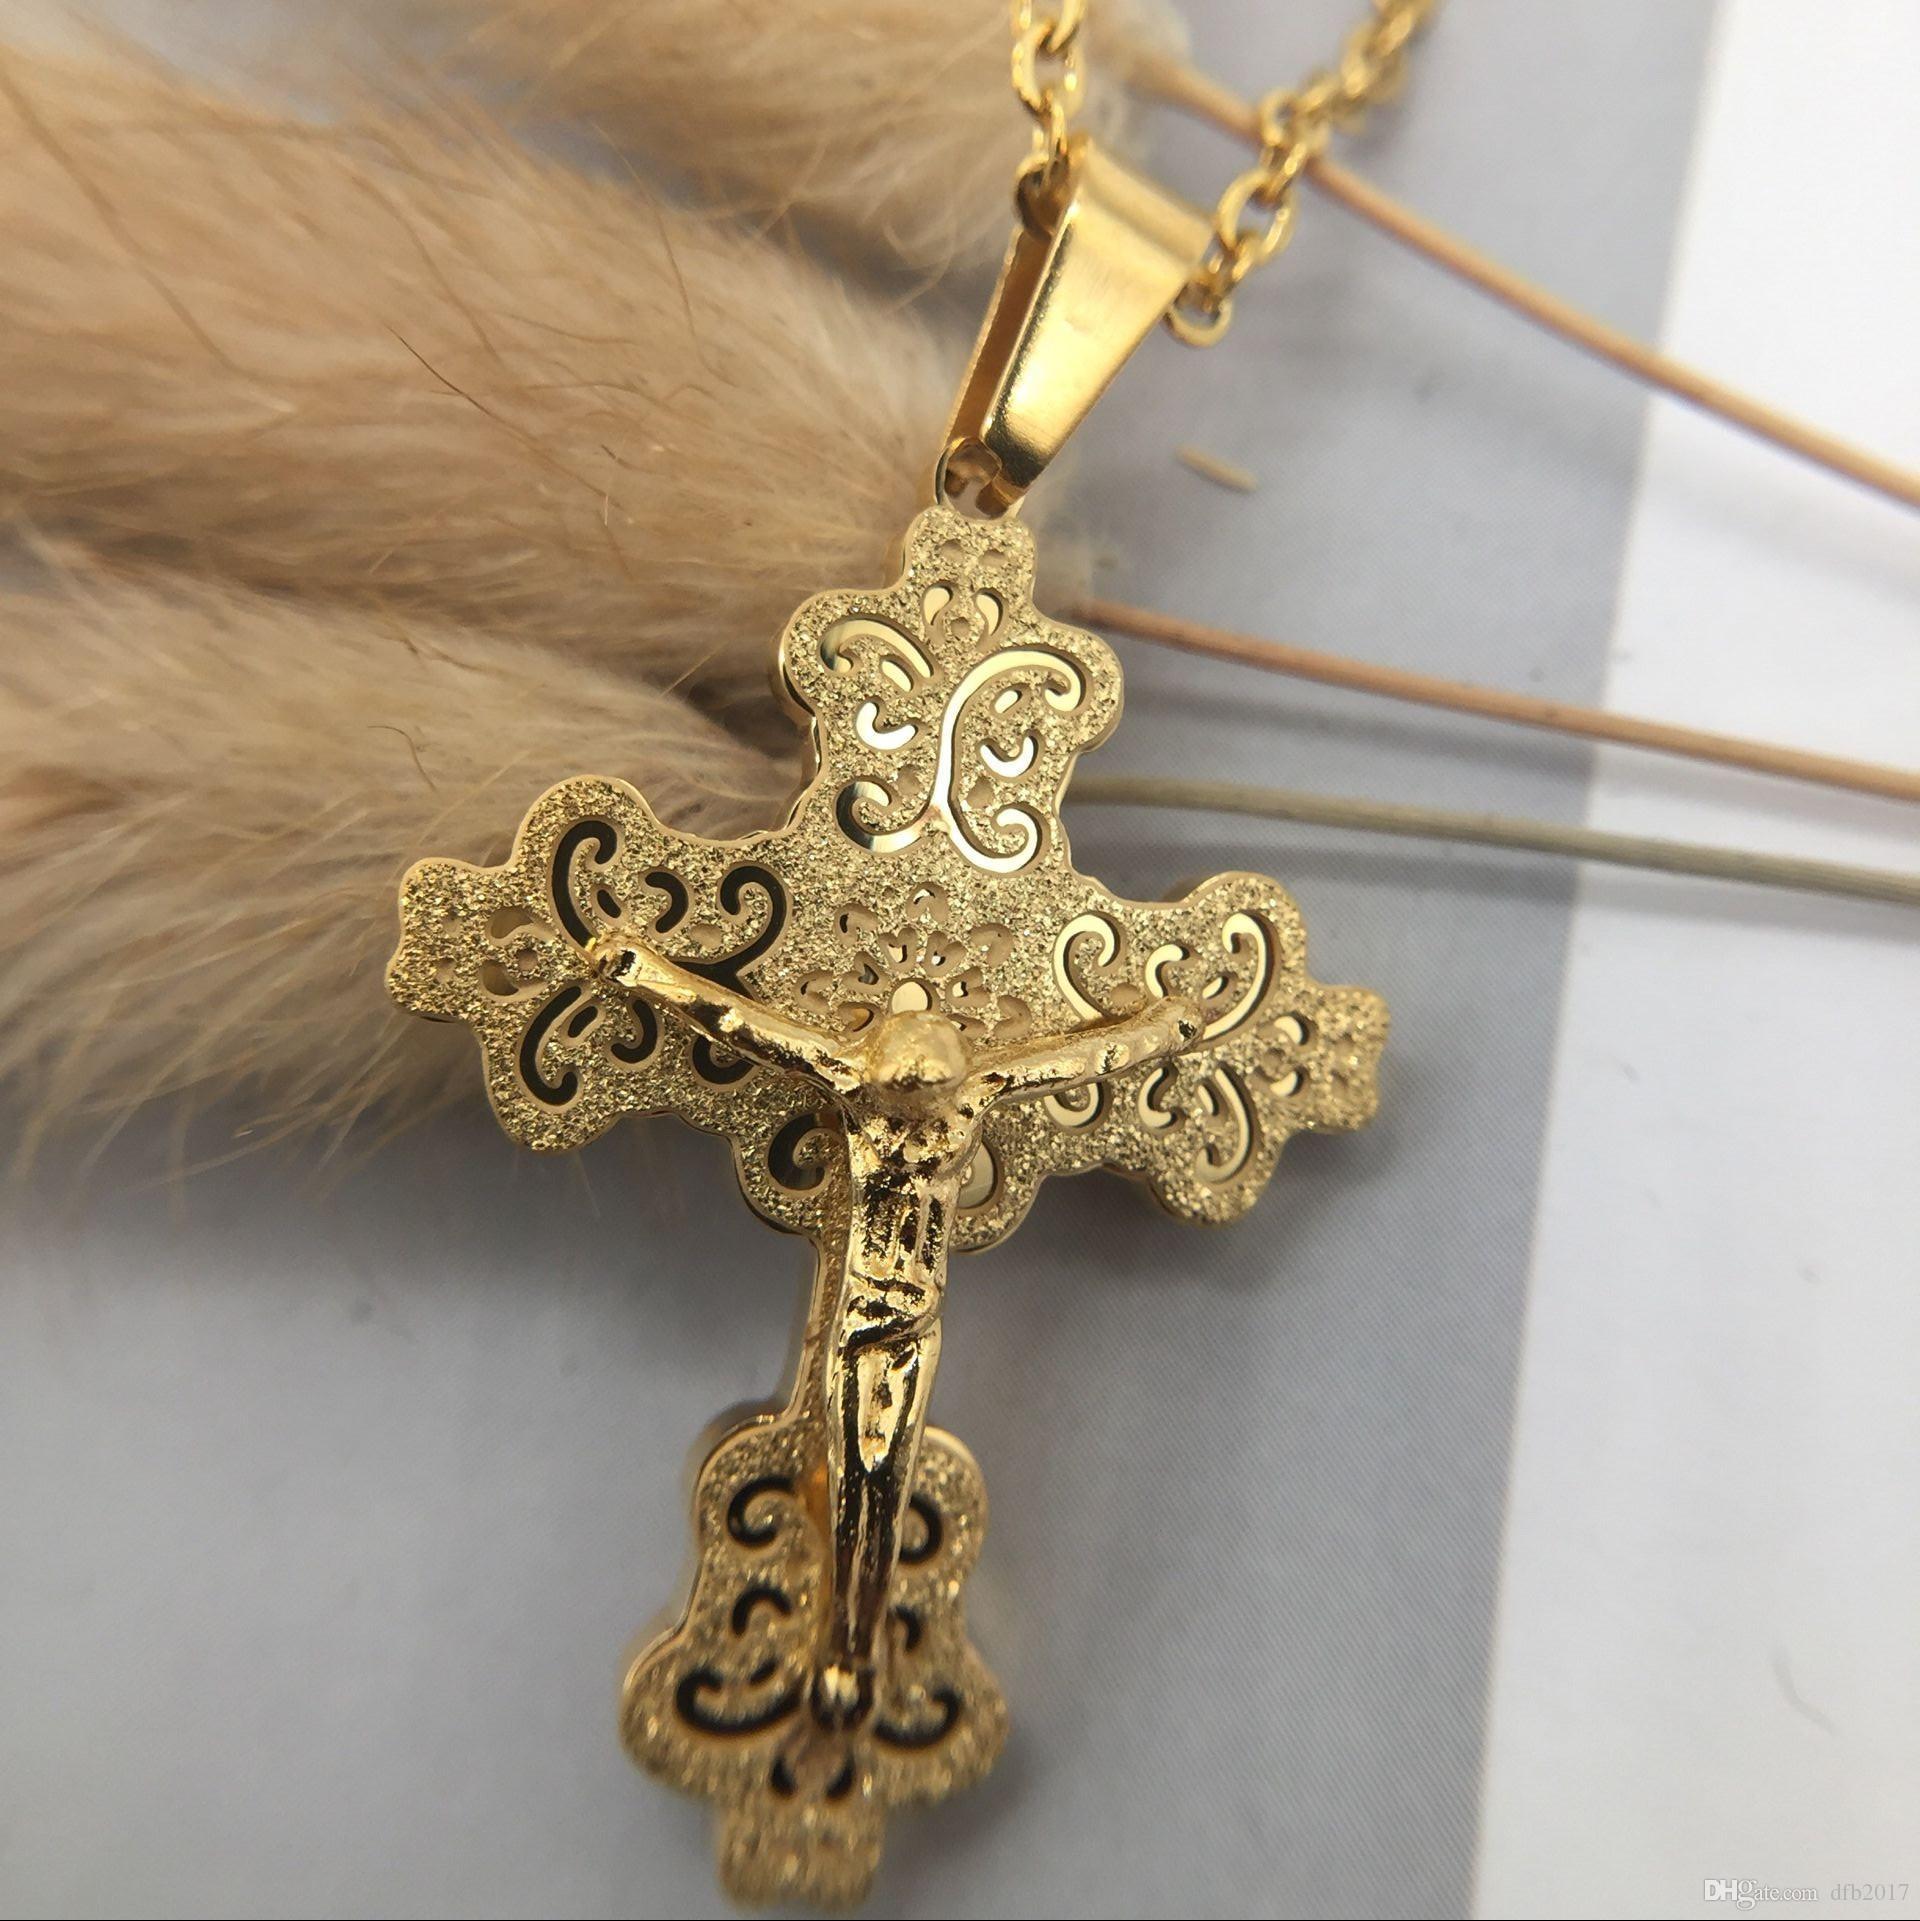 Compre Jesus Crucifixo Crucifixo Pingente De Colar Para As Mulheres    Homens Banhado A Ouro 18k   Platina   Preto Gun Chapeado Moda Religiosa  Jóias Presente ... f8538dde13